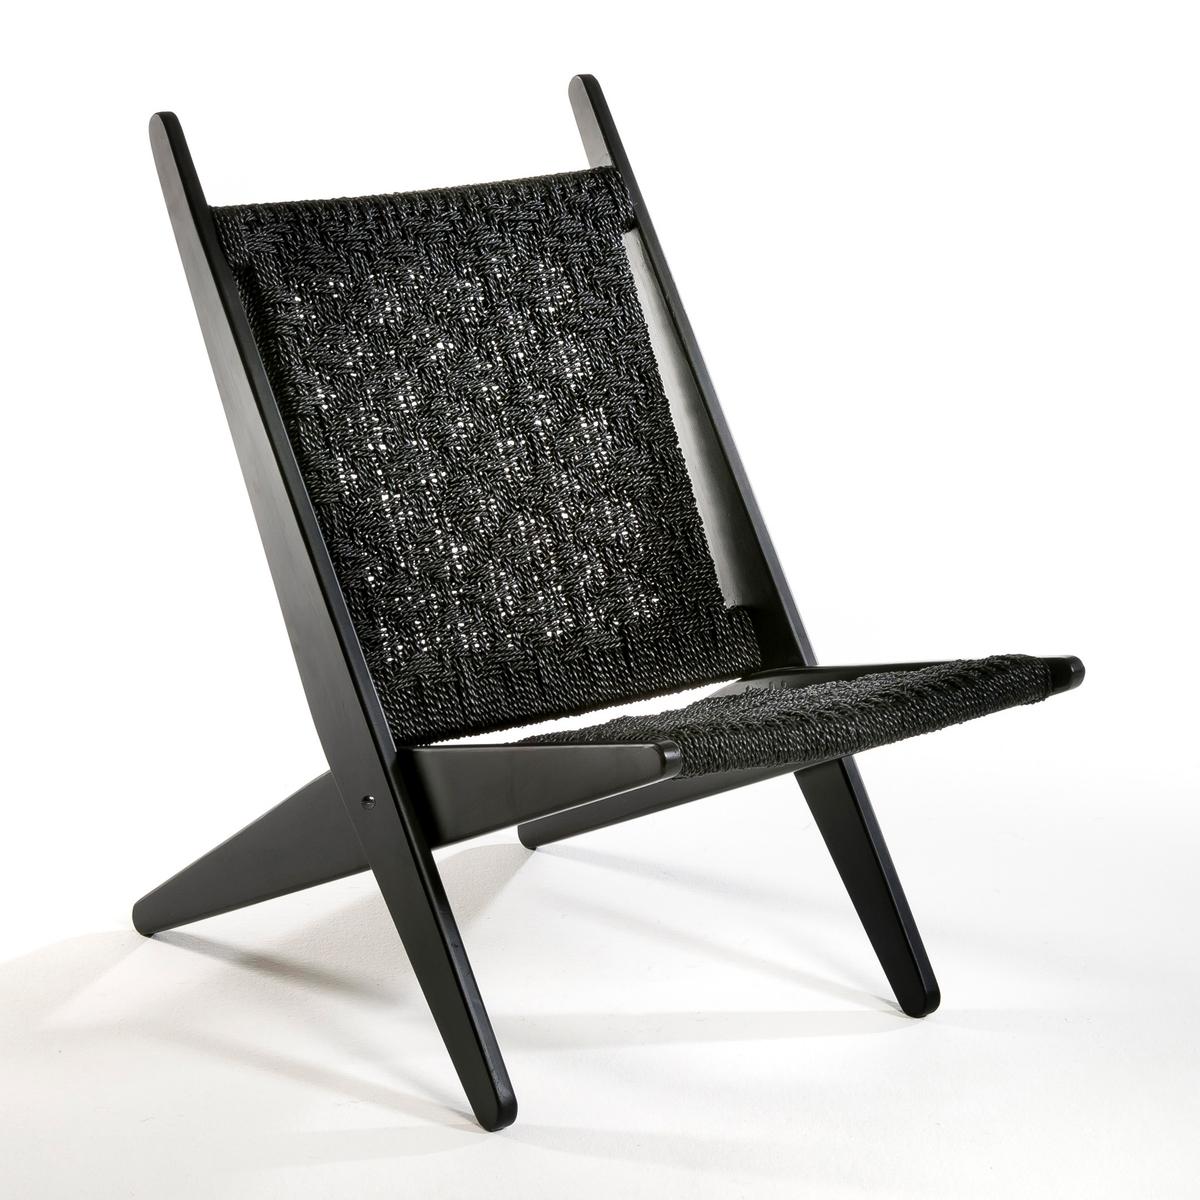 Складное кресло AncelieКресло Ancelie. Складное кресло, очень удобное благодаря плетеной спинке и сиденью.Характеристики: - Из красного дерева с матовой отделкой черного цвета.- Плетеная спинка и сиденье из волокон гиацинта.- Складное.Размеры: - Ш.51 x В.73 x Г.85 см.- Сиденье: Ш.46 x Г.53 см.<br><br>Цвет: черный